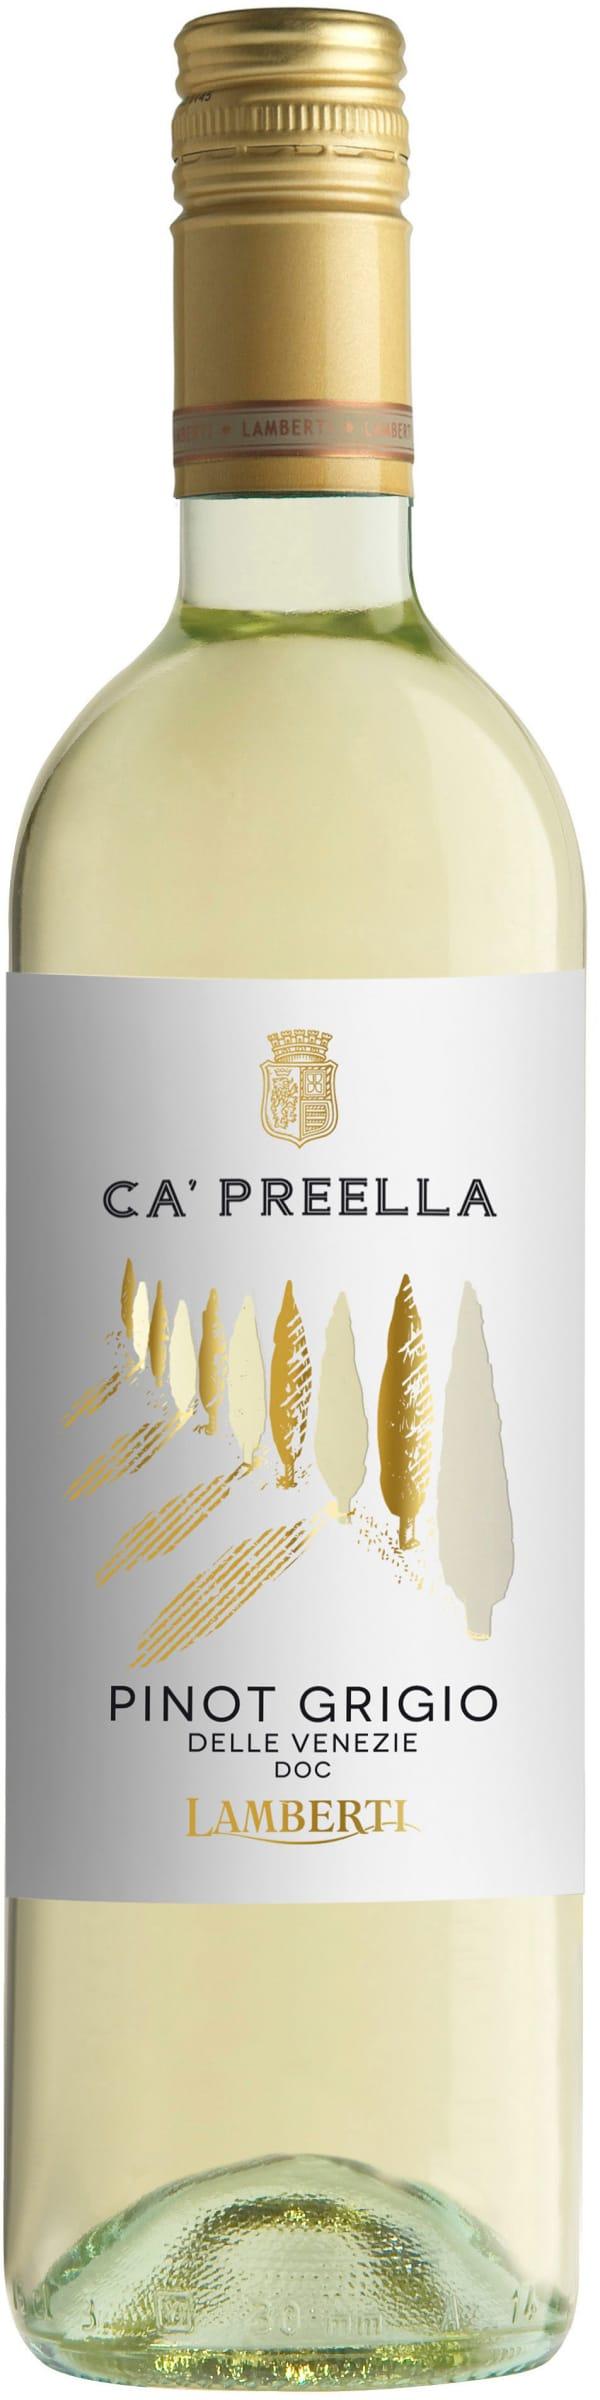 Lamberti Pinot Grigio Ca' Preella 2020